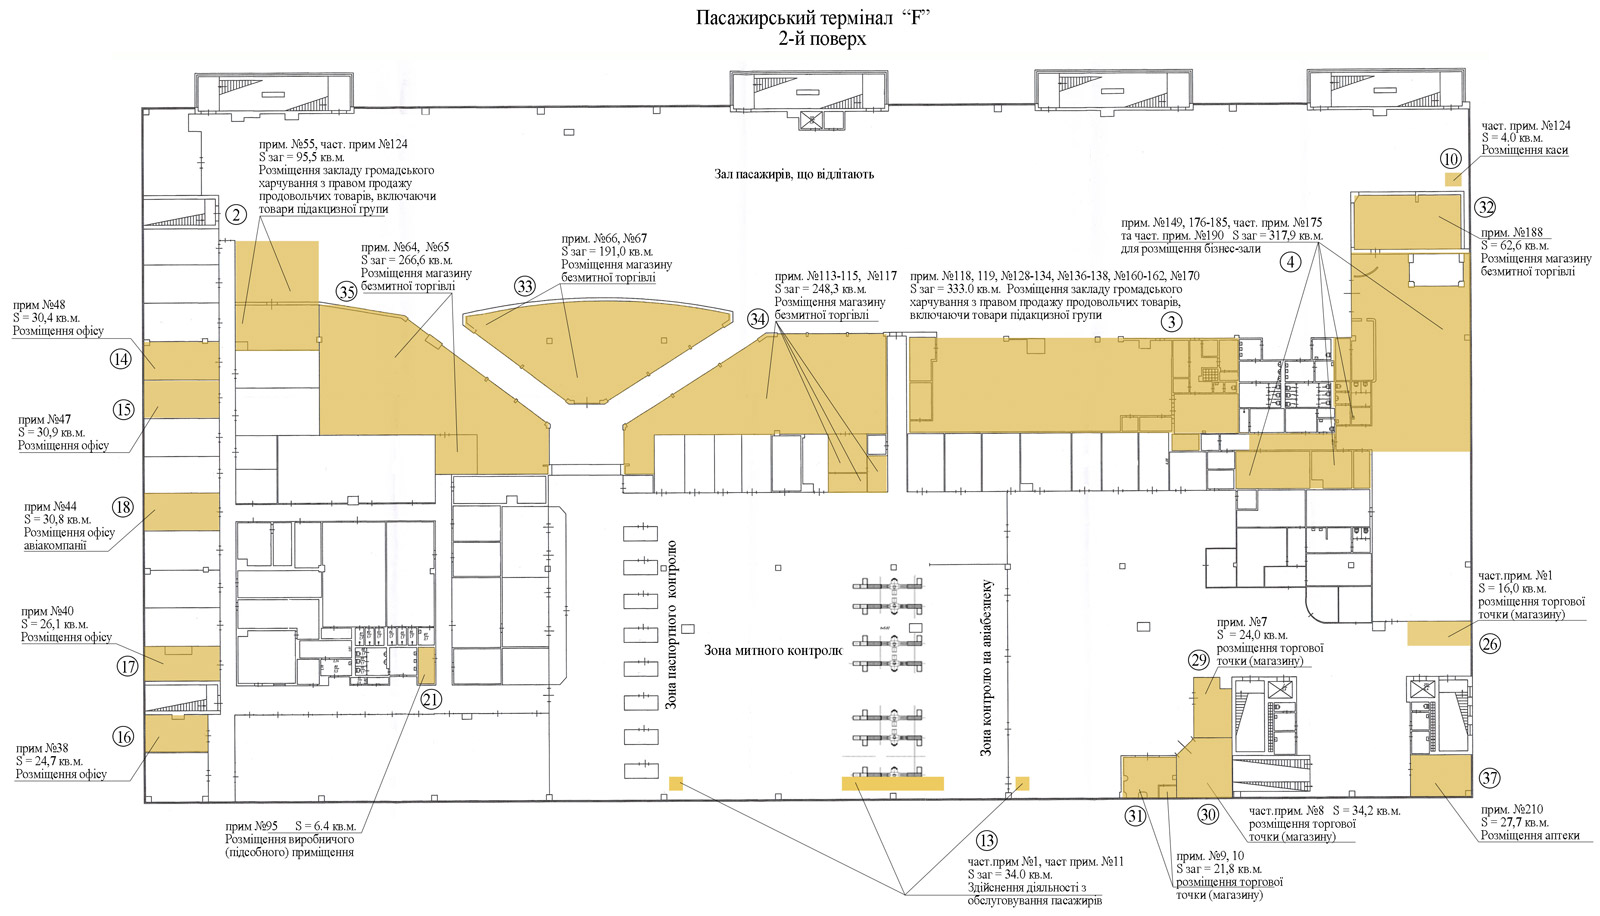 План площадей, который предложены в аренду на 2 этаже терминала F аэропорта Борисполь